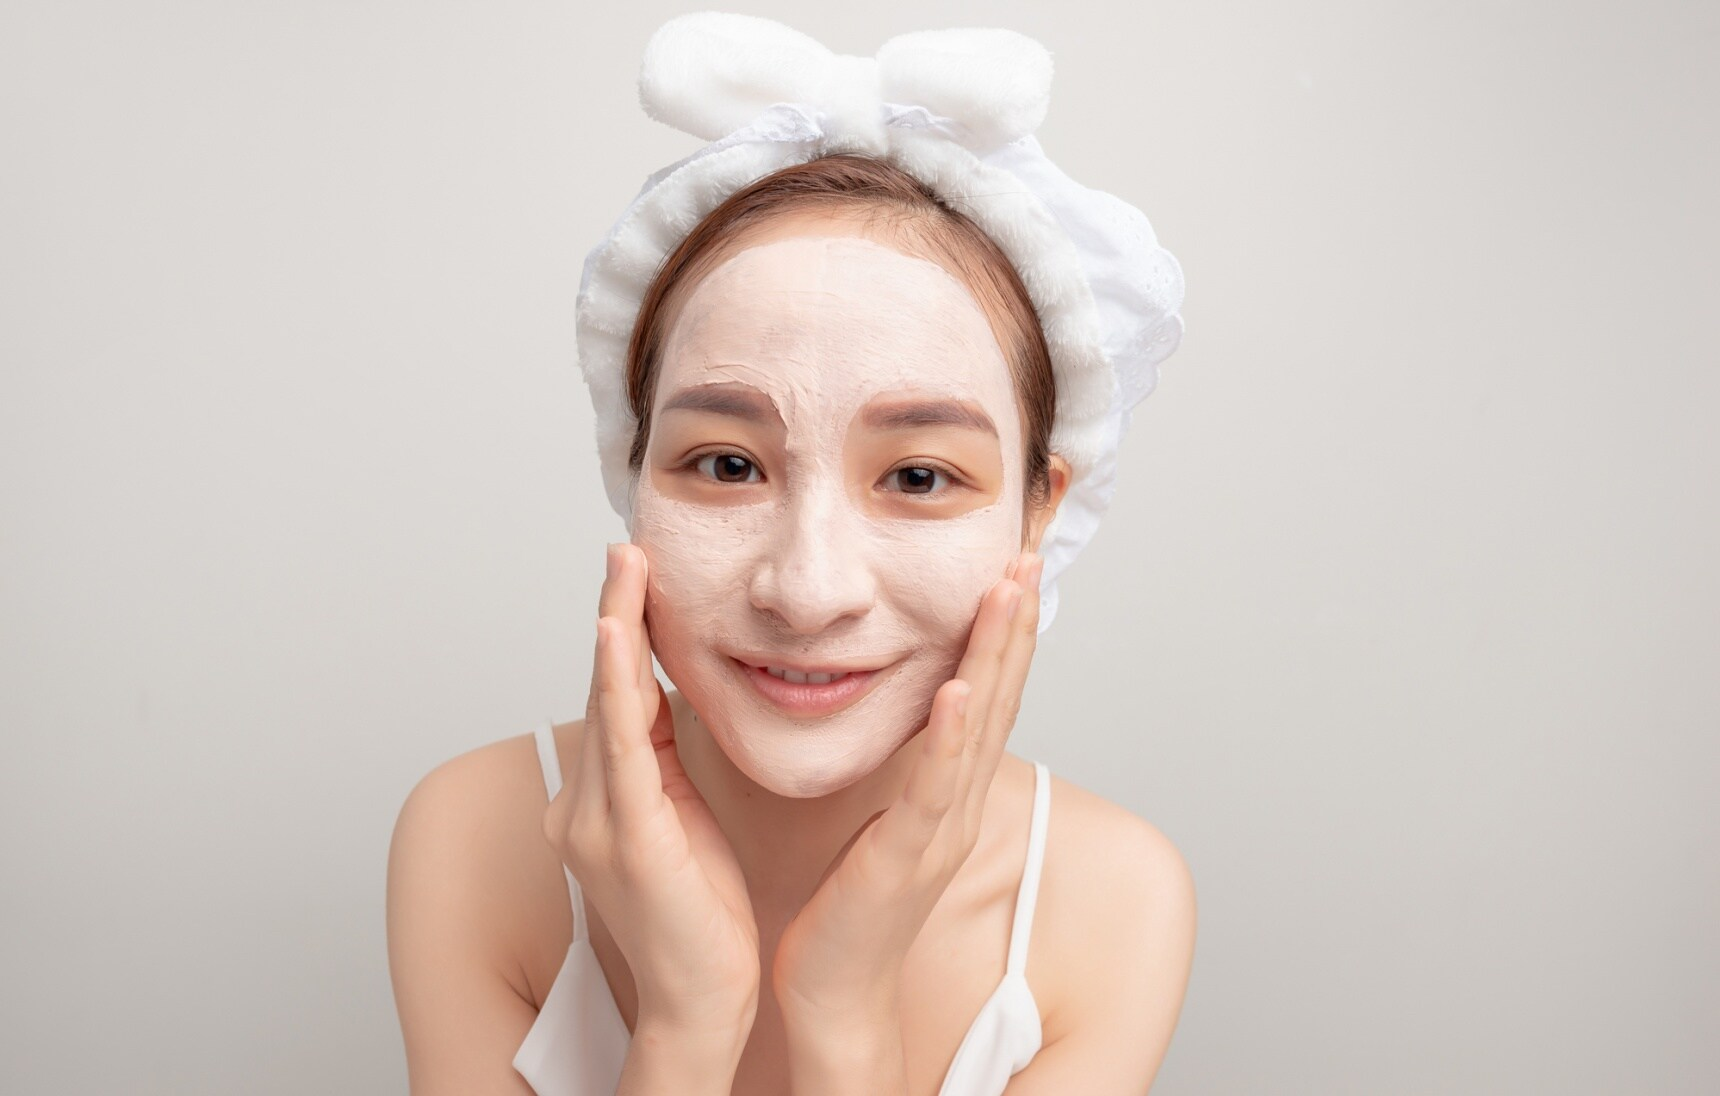 日本购物:薄薄一片敷上脸,肌肤从此无烦恼?这些日本开架面膜好用又实惠!